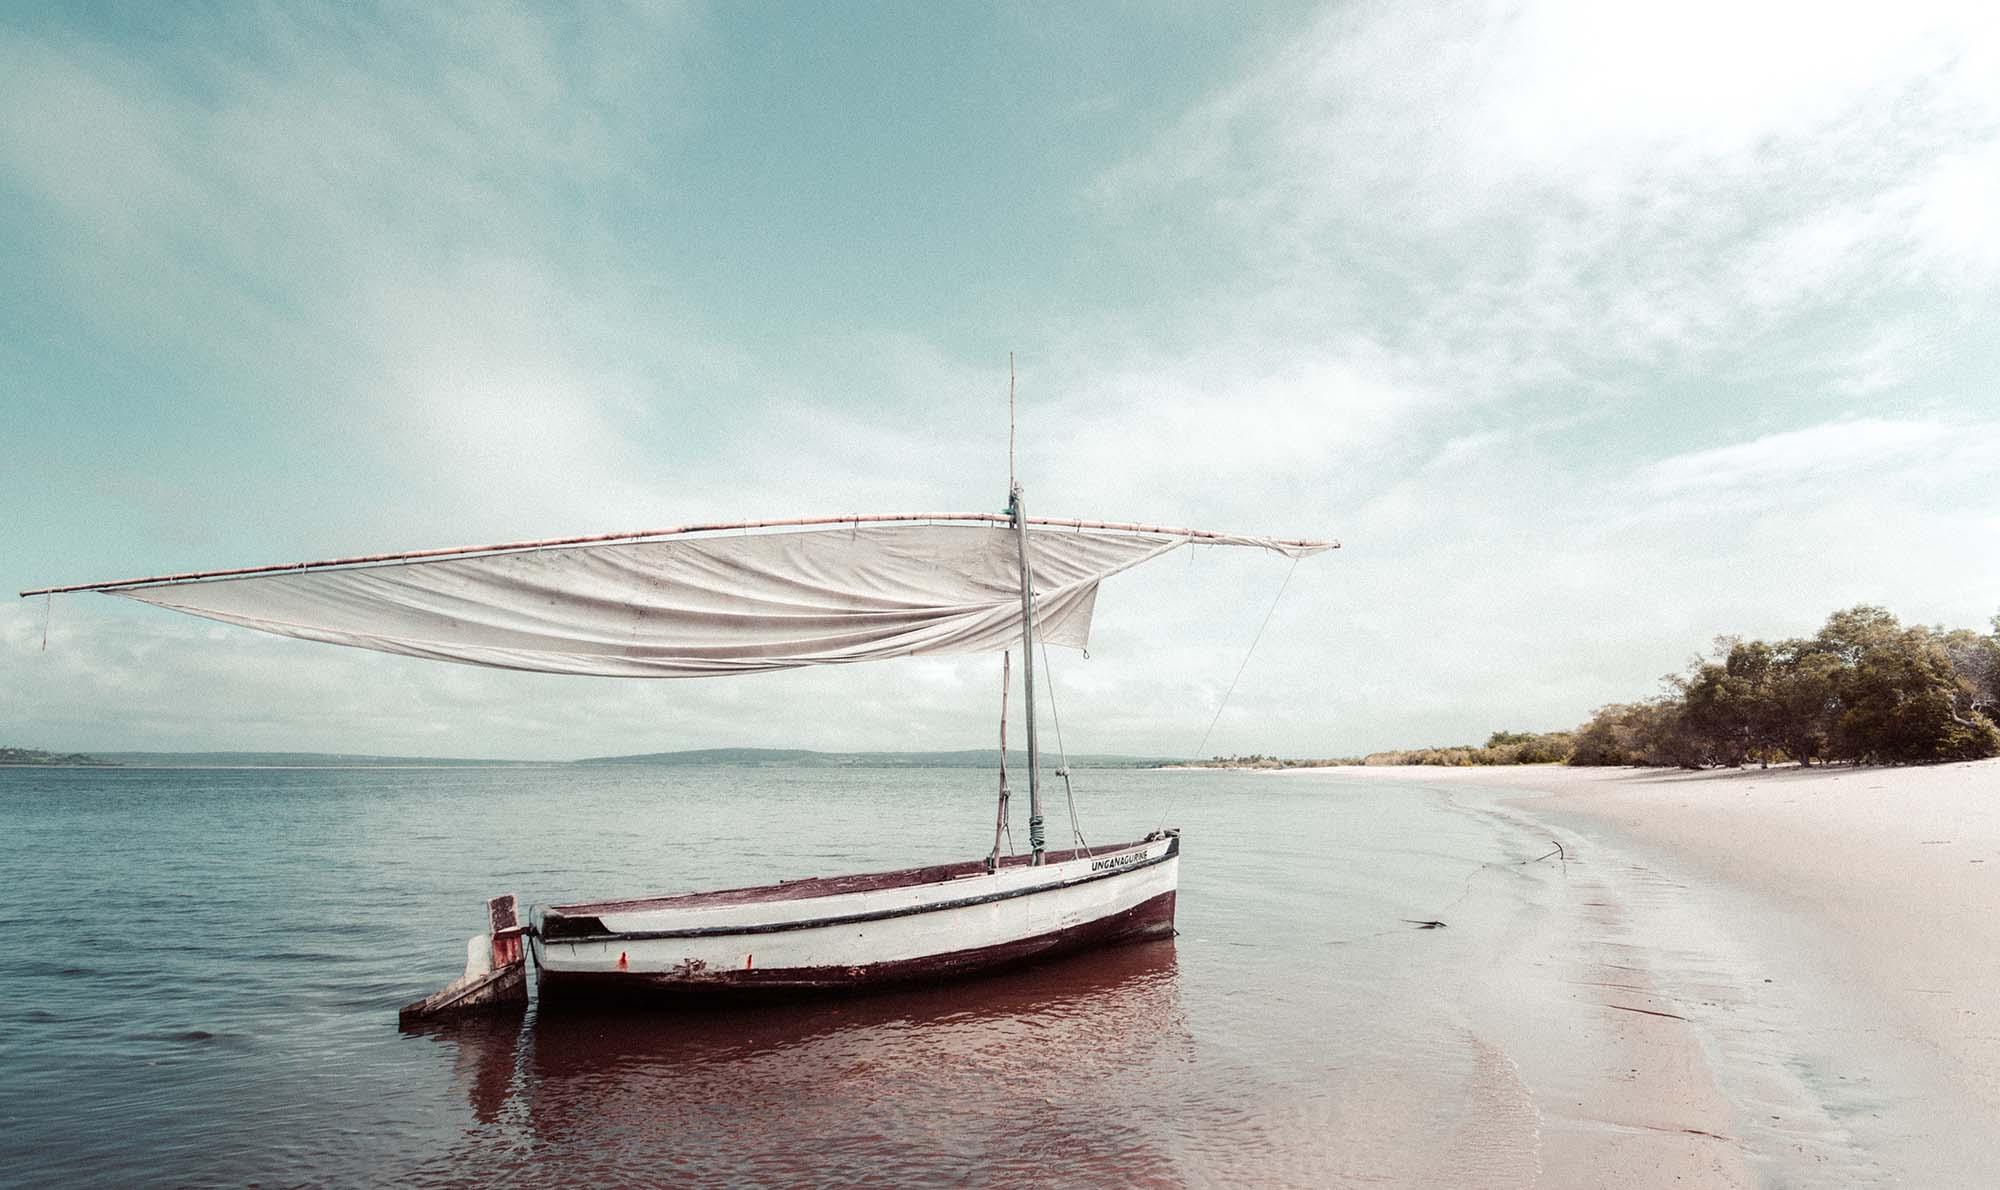 Mozambique, plage de l'ocean indien